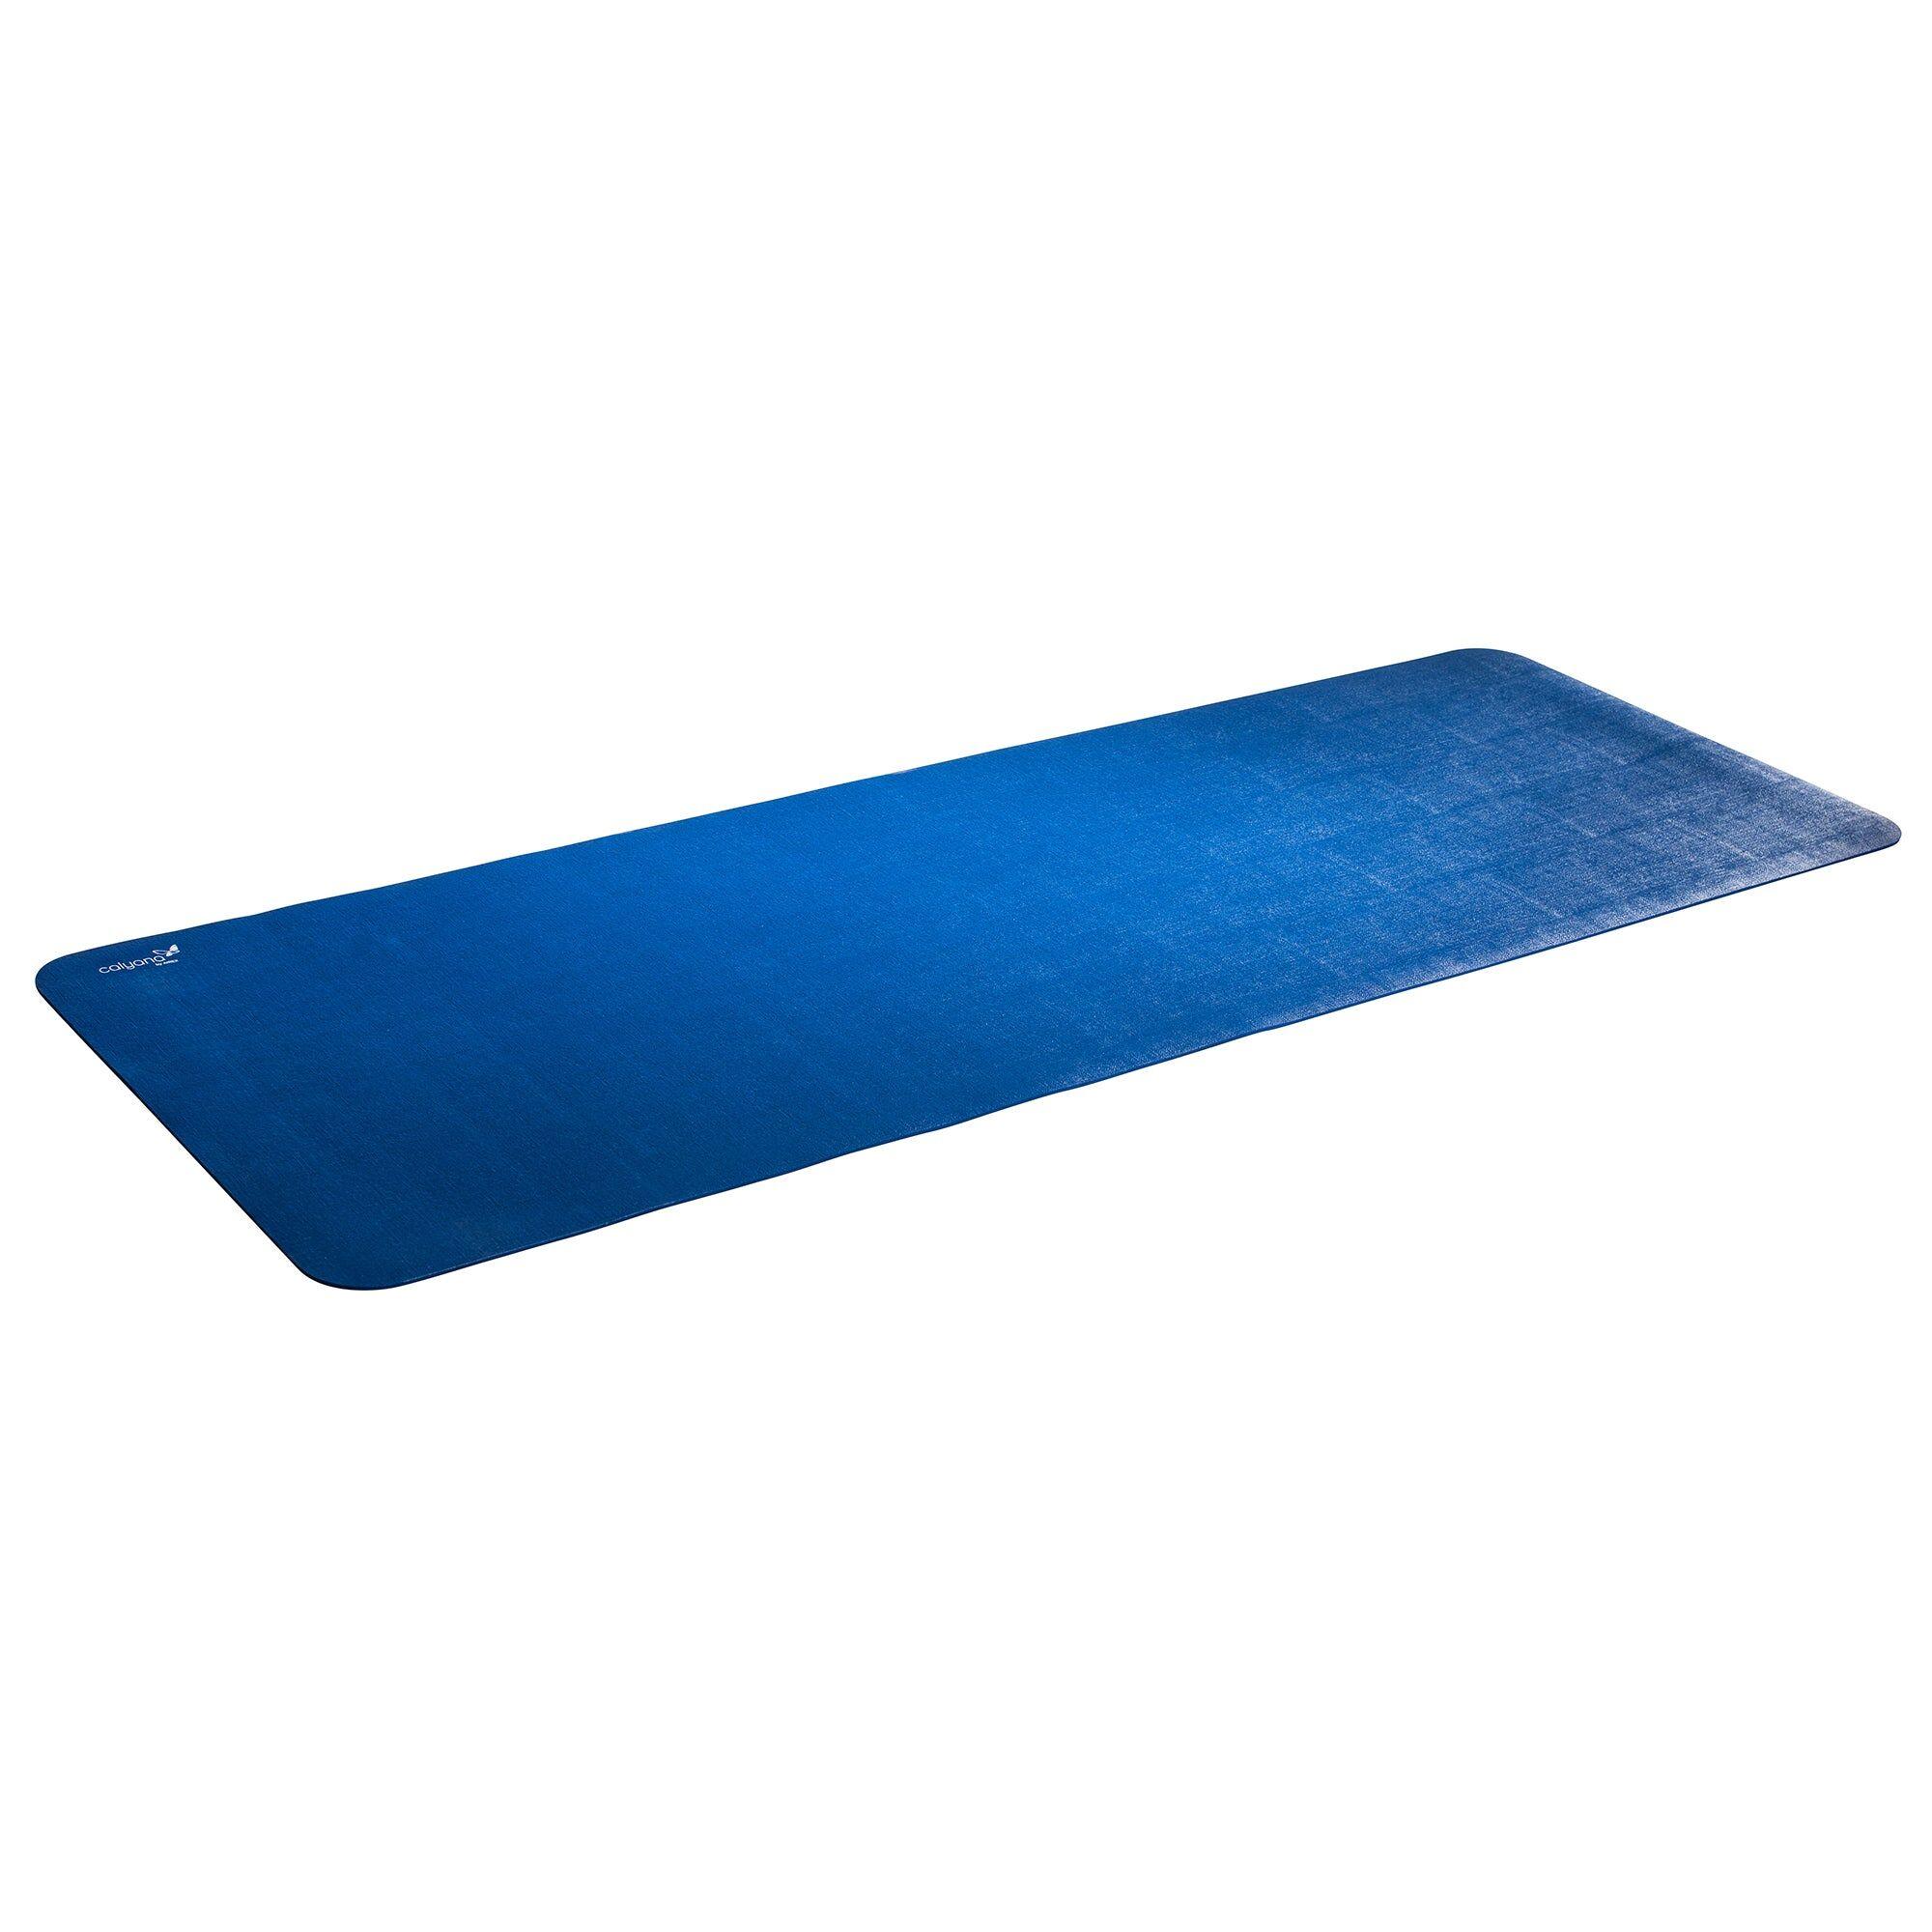 Spri Airex® Calyana Prime Yoga Mat  - mult